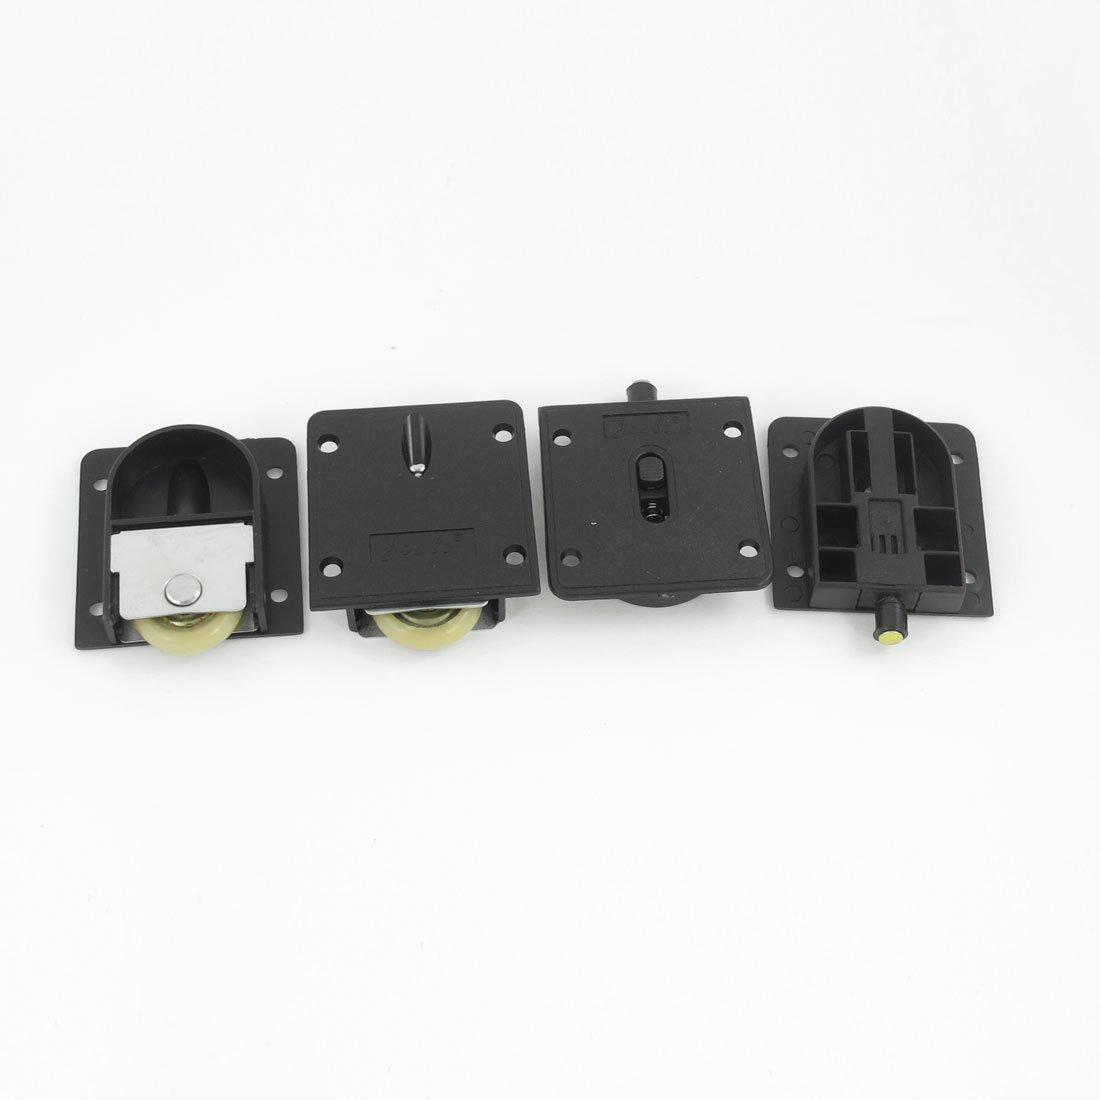 2 Ensemble armoire composants en plastique Noir plate 25 mm Dia Roue Porte coulissante Rouleau Sourcingmap a13070800ux0466